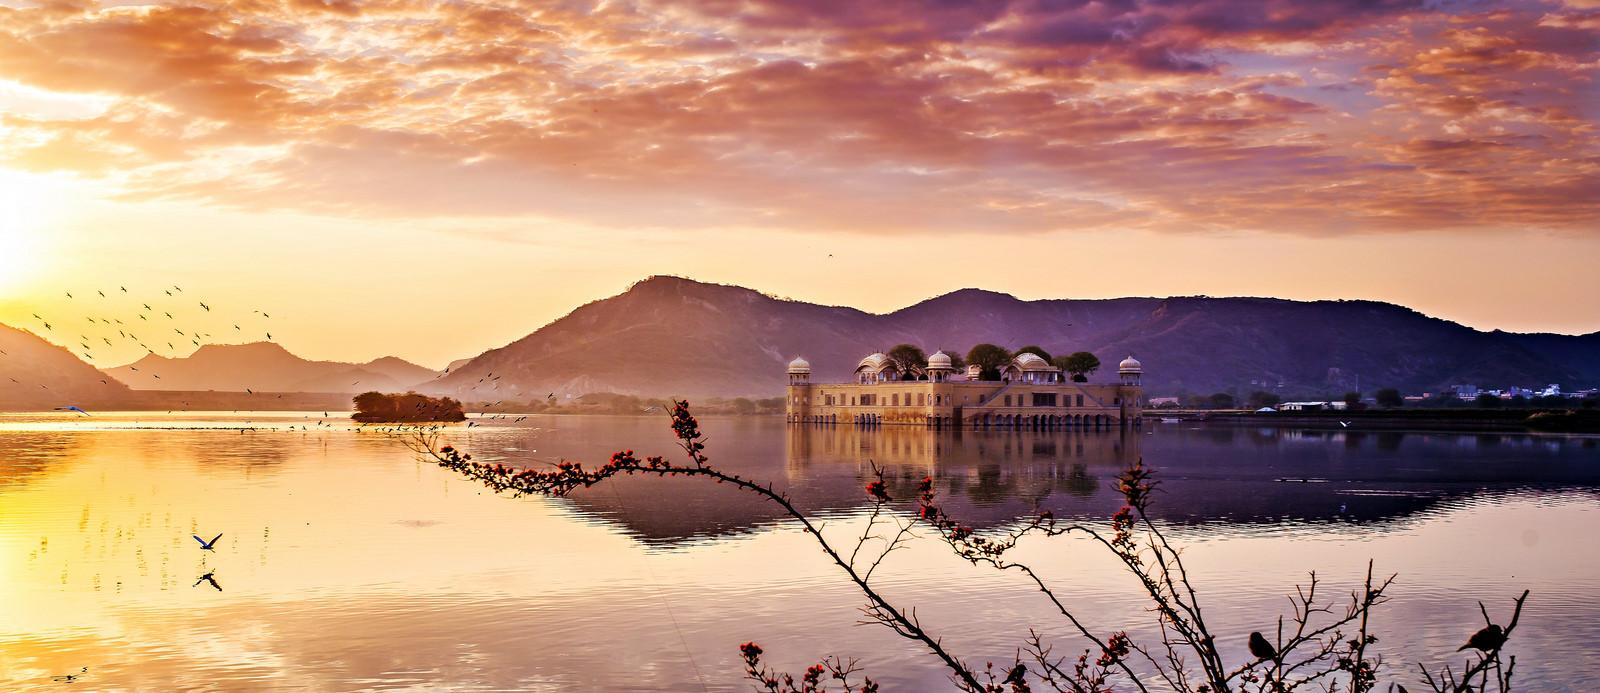 Jal Mahal at daybreak*